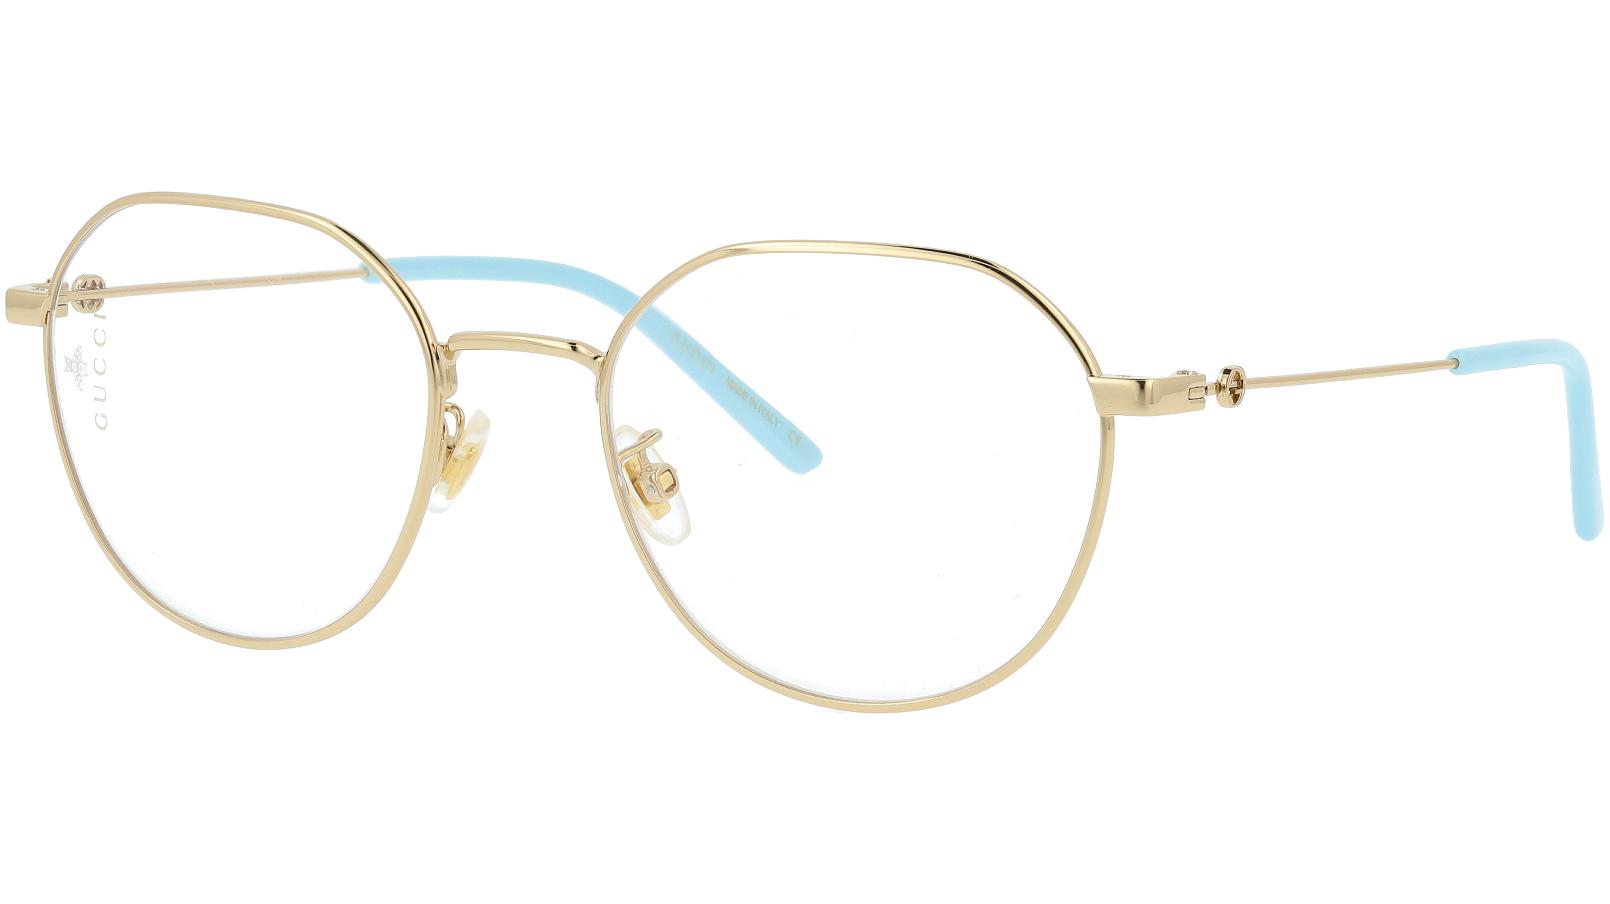 Gucci GG0684O 004 51 Gold Oval Glasses